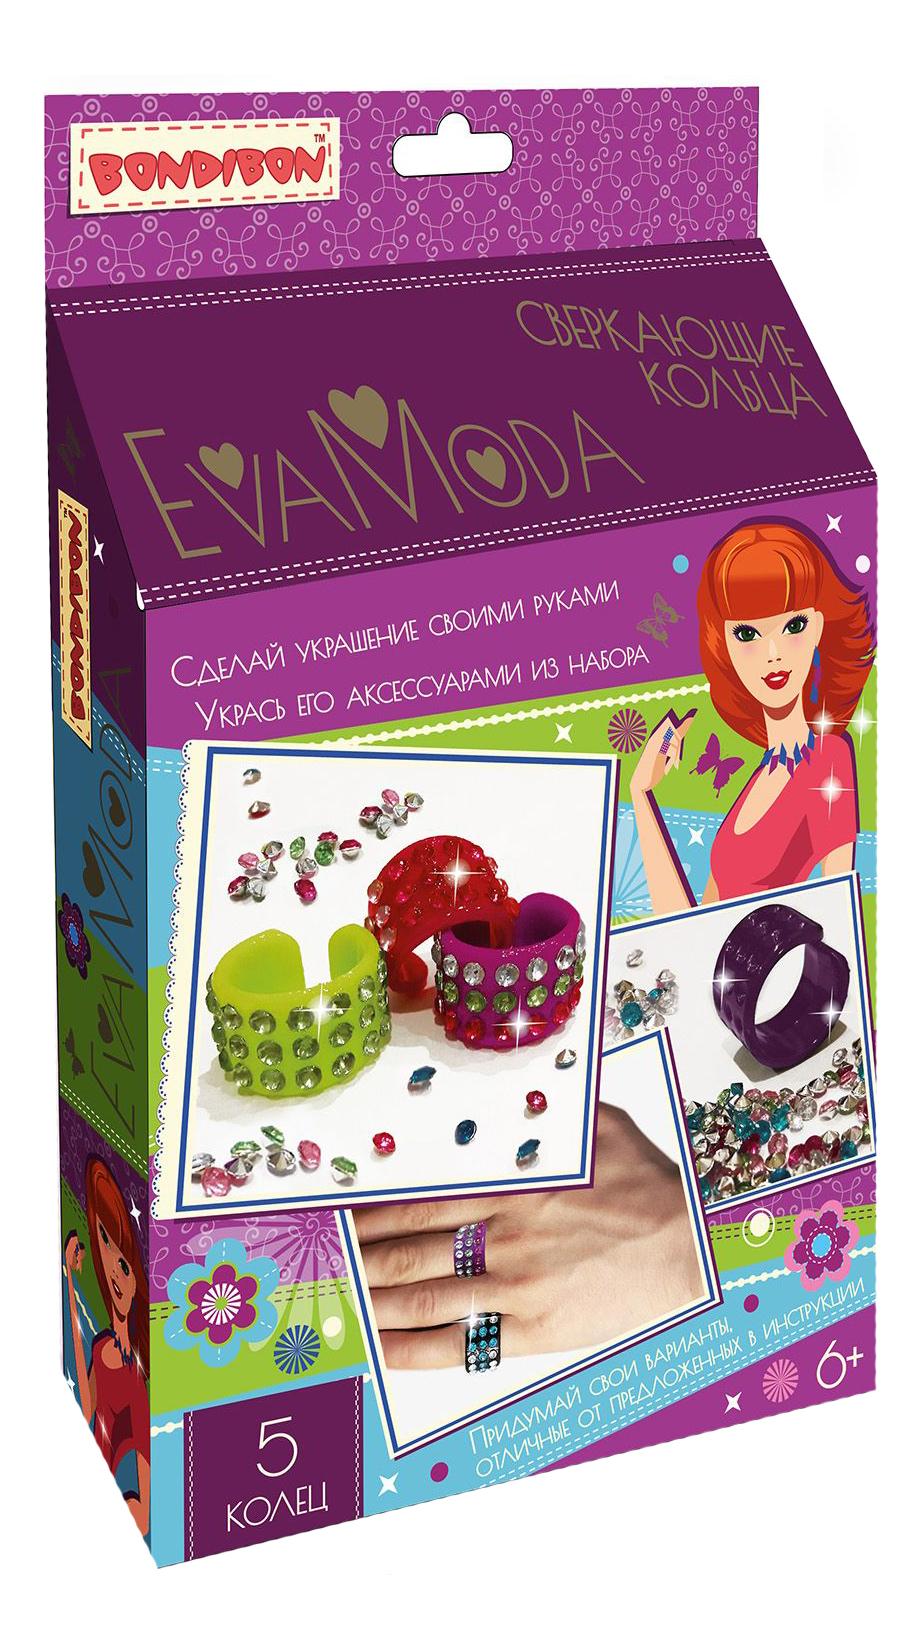 Купить Набор для создания украшений Bondibon Eva Moda - Сверкающие кольца,